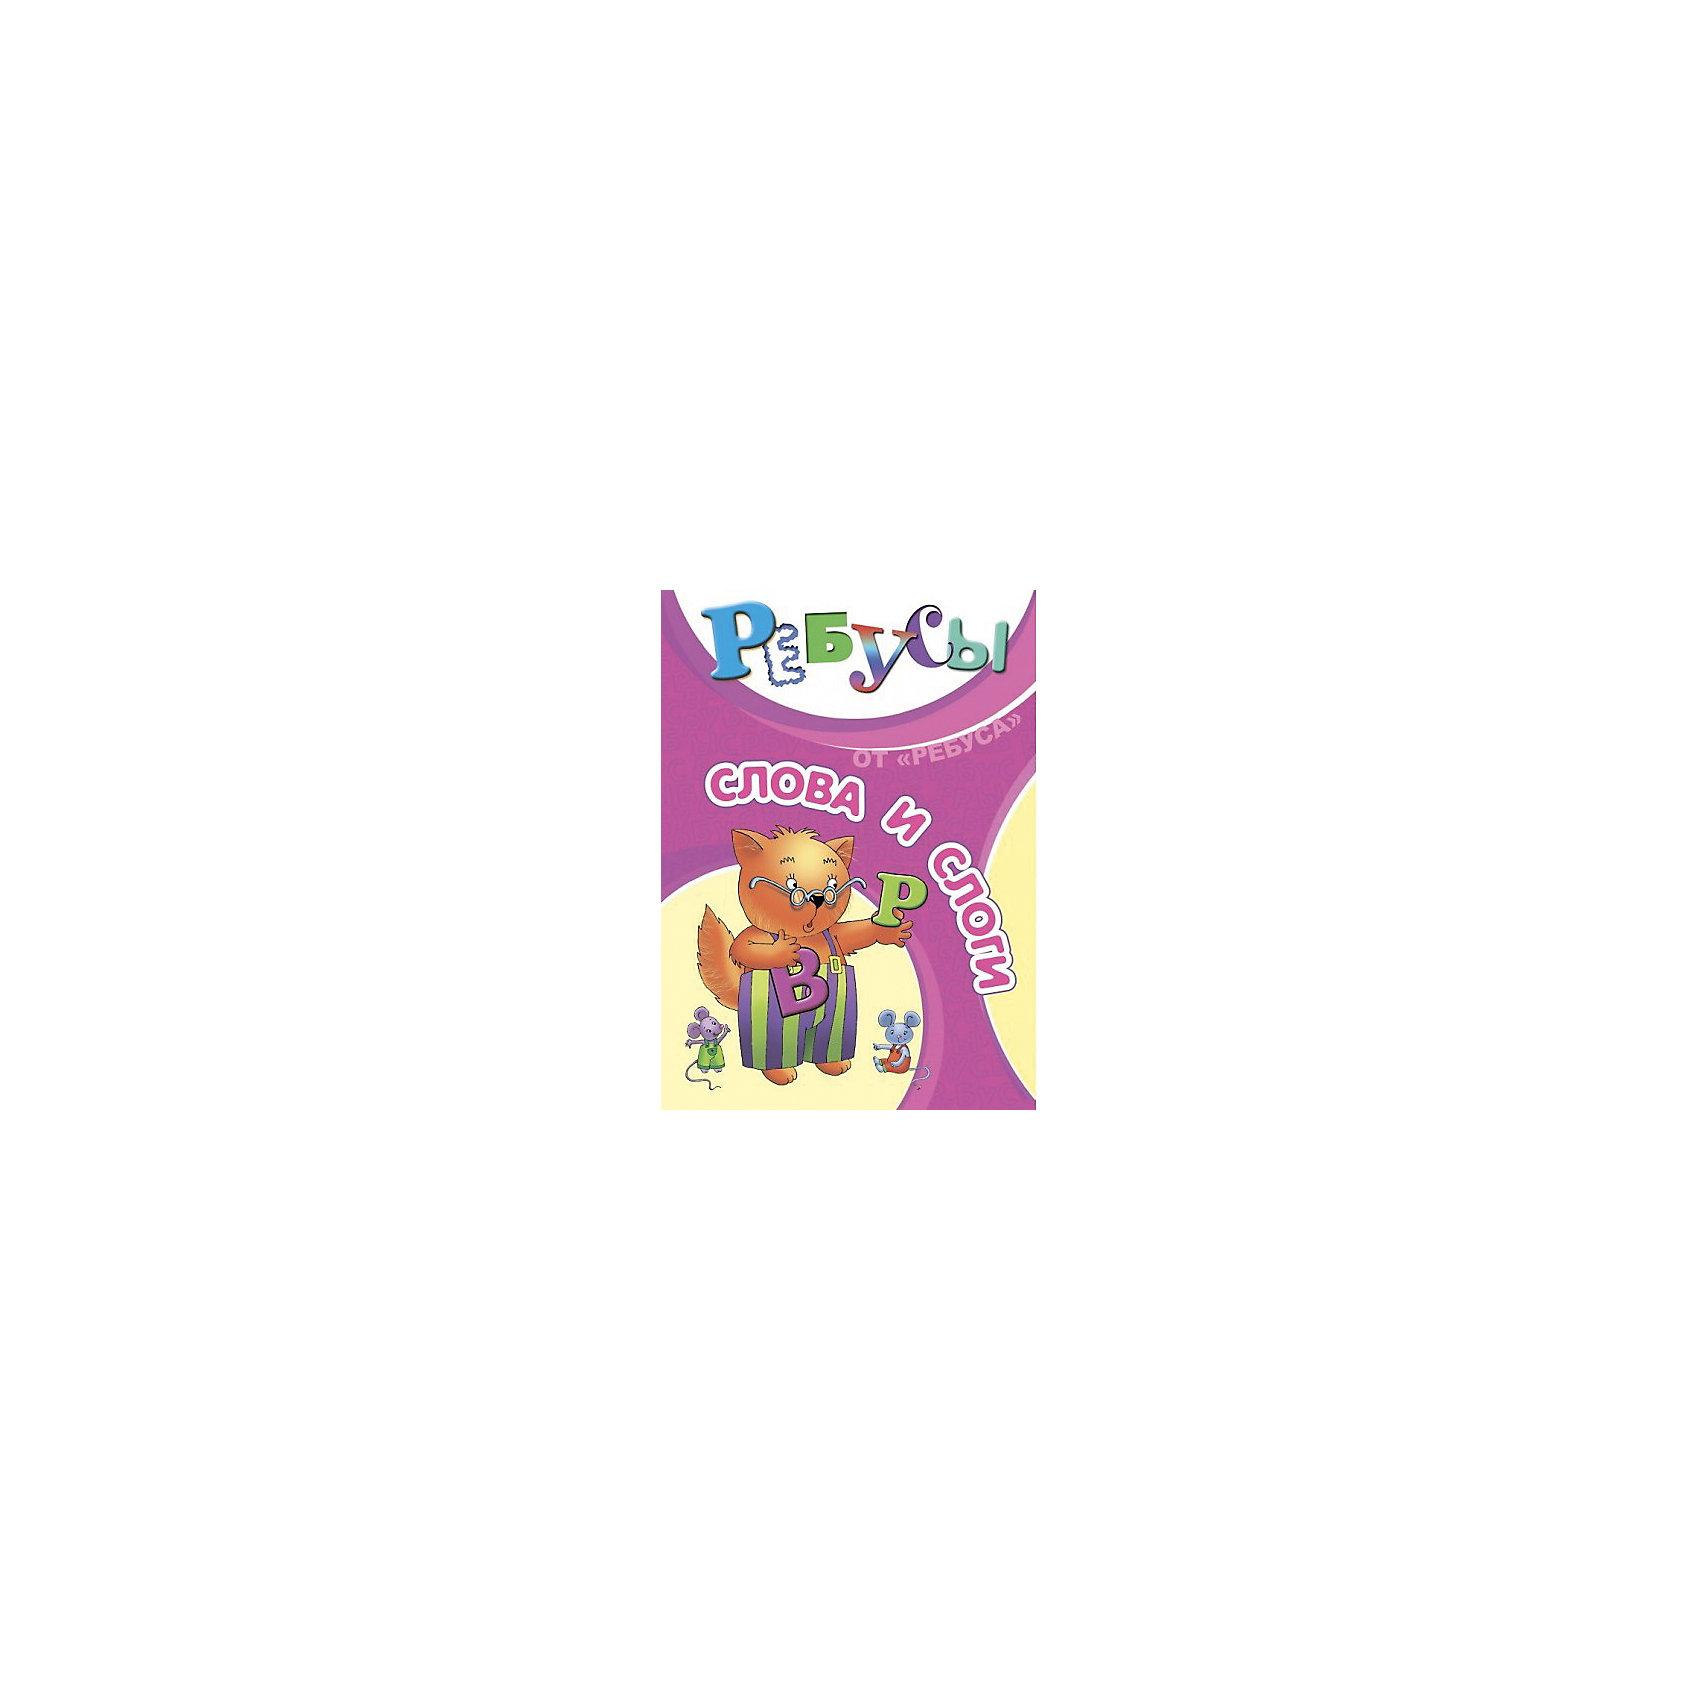 Ребусы Слова и слоги, Игротека Татьяны БарчанВикторины, ребусы<br>Ребусы Слова и слоги, Игротека Татьяны Барчан.<br><br>Характеристики:<br><br>• Для детей в возрасте: от 6 до 12 лет<br>• В комплекте: 18 карточек с ребусами, 2 карточки с ответами, инструкция<br>• Размер карточек: 11,5х7,5 см.<br>• Материал: плотный качественный картон<br>• Производитель: ЦОТР Ребус (Россия)<br>• Упаковка: картонная коробка<br>• Размер упаковки: 115х85х20 мм.<br>• Вес: 60 гр.<br><br>18 двухсторонних карточек с ребусами, входящие в комплект Слова и слоги, помогут ребятам научиться делить слова на слоги, складывать слова из слогов и выделять ударные слоги. Разгадать ребусы смогут даже ребята, которые еще не освоили навык чтения, ведь складывать новые слова нужно из двух или трех слогов слов названий картинок карточек. Новые слова всегда складываются из ударных слогов, поэтому вновь образованное слово, маленький эрудит всегда будет произносить грамматически правильно. <br><br>Задания можно использовать в конкурсах, викторинах, на праздниках. Небольшой формат позволяет взять игру в дорогу. Занимательный процесс разгадывания ребусов способствует развитию у детей внимания, пространственно-логического мышления и наблюдательности.<br><br>Ребусы Слова и слоги, Игротека Татьяны Барчан можно купить в нашем интернет-магазине.<br><br>Ширина мм: 120<br>Глубина мм: 85<br>Высота мм: 20<br>Вес г: 50<br>Возраст от месяцев: 72<br>Возраст до месяцев: 144<br>Пол: Унисекс<br>Возраст: Детский<br>SKU: 6751356